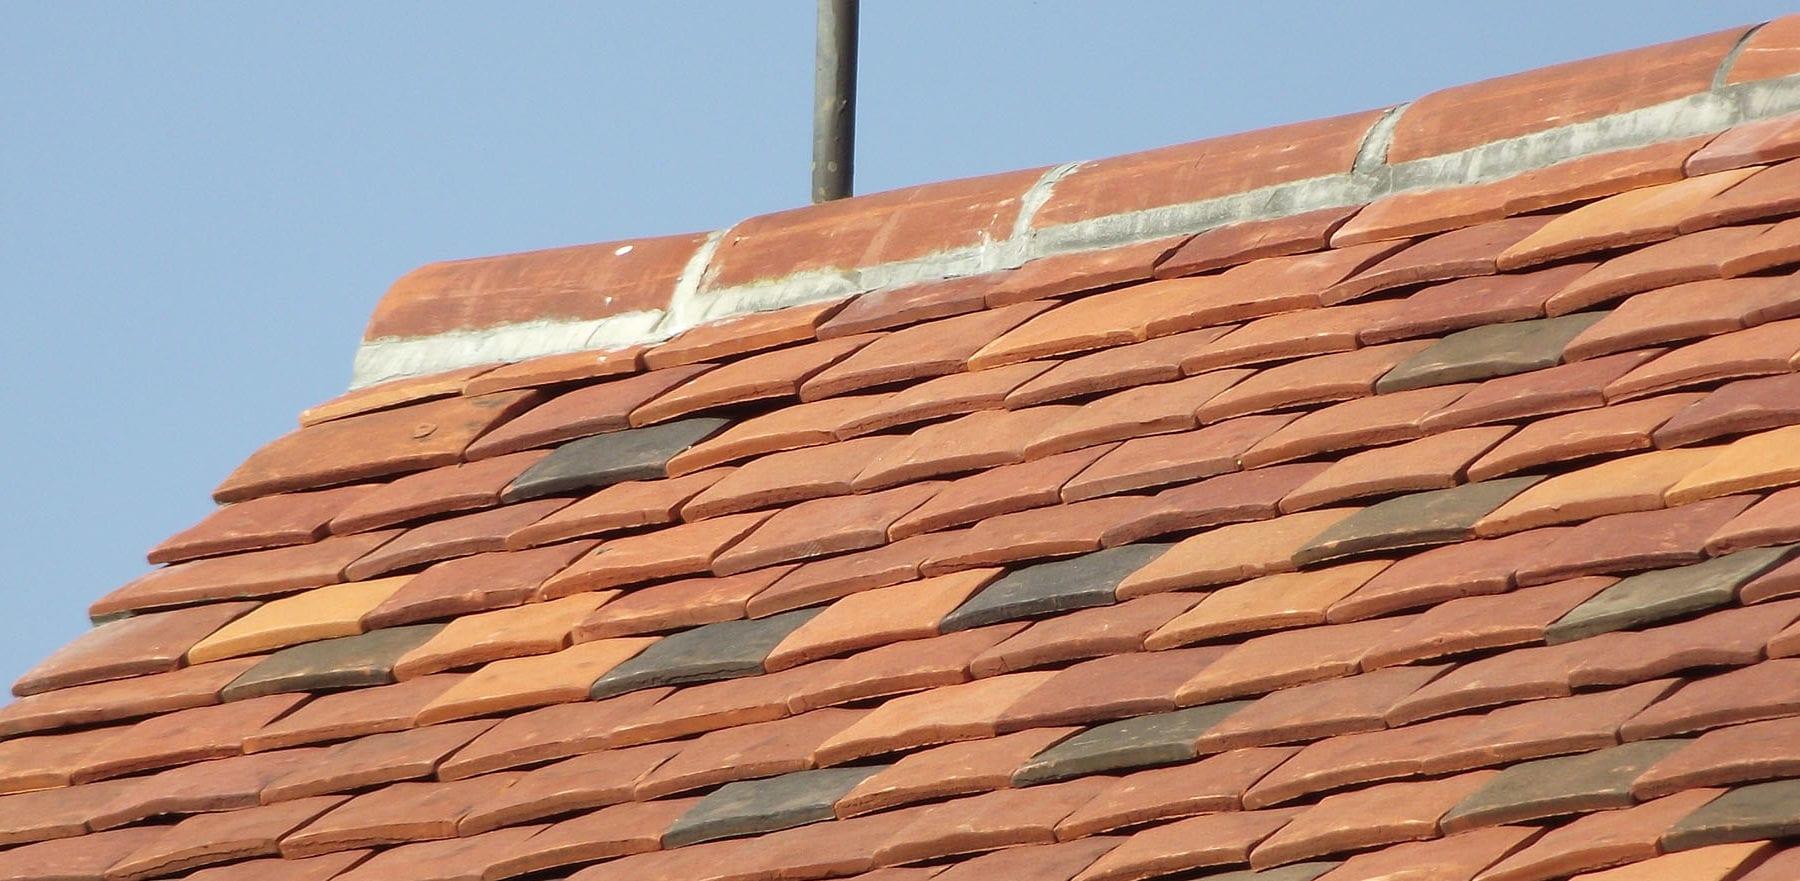 Lifestiles - Handmade Multi Clay Roof Tiles - Fernhurst, England 6